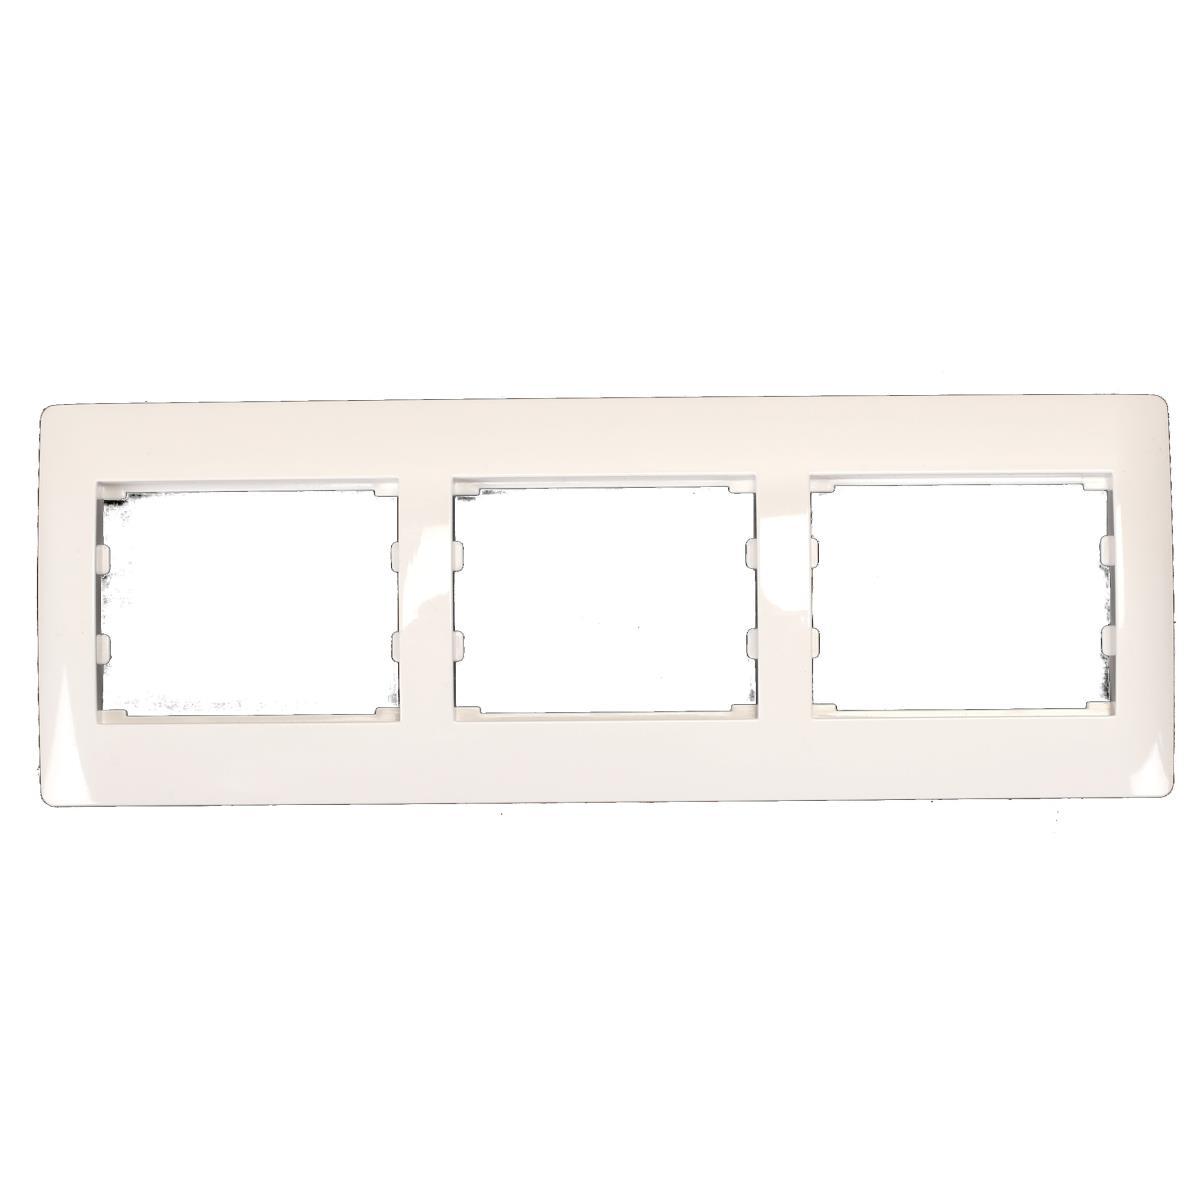 Dreifach 3-fach Rahmen Steckdose Schalter Lichtschalter weiß Serie TAILI,Vagner SDH,TL1145, 4770364202858